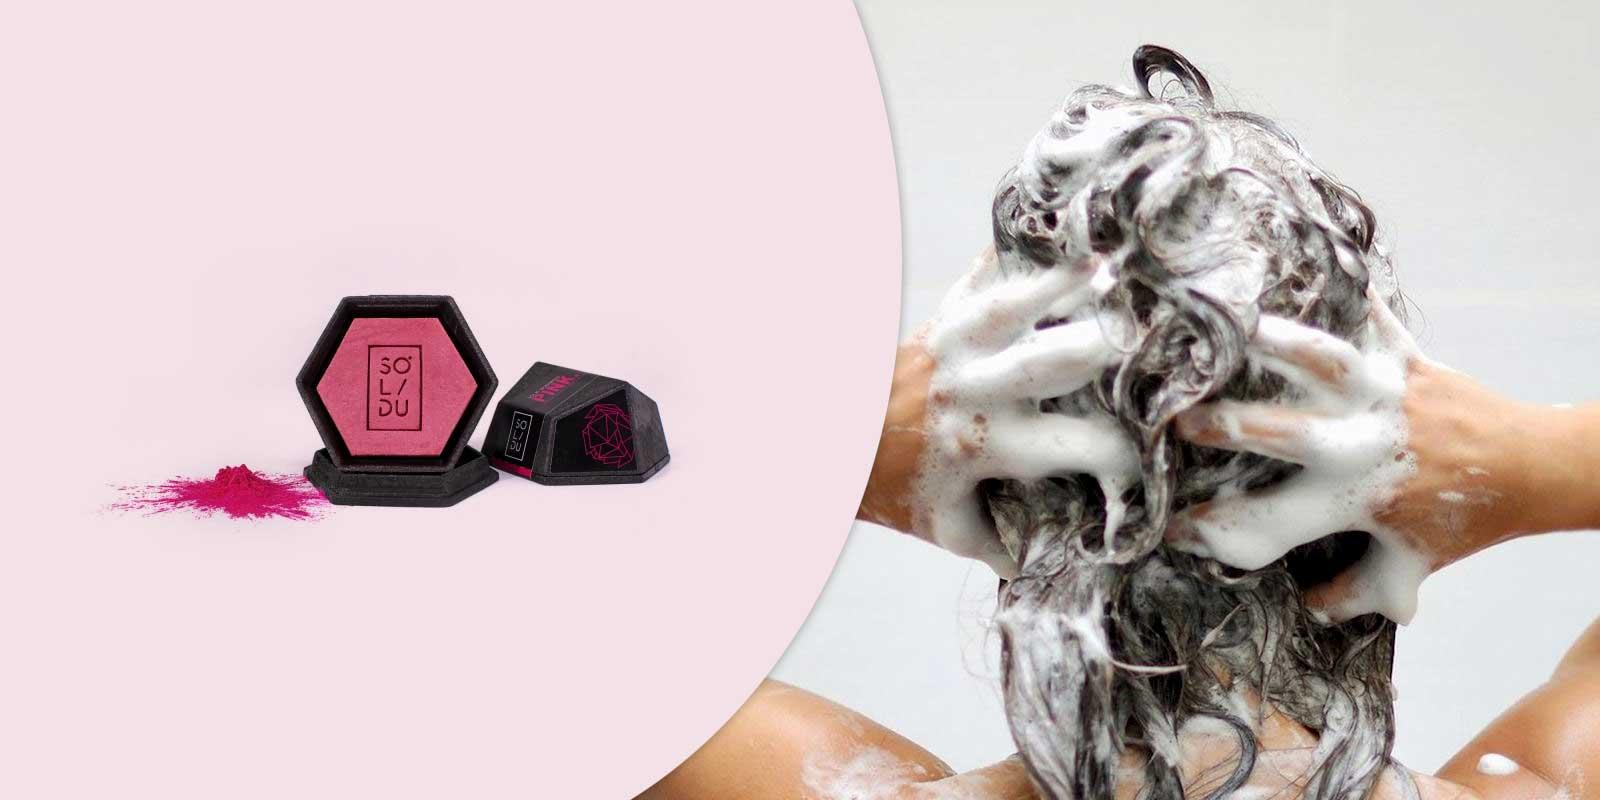 Perché scegliere uno shampoo solido?